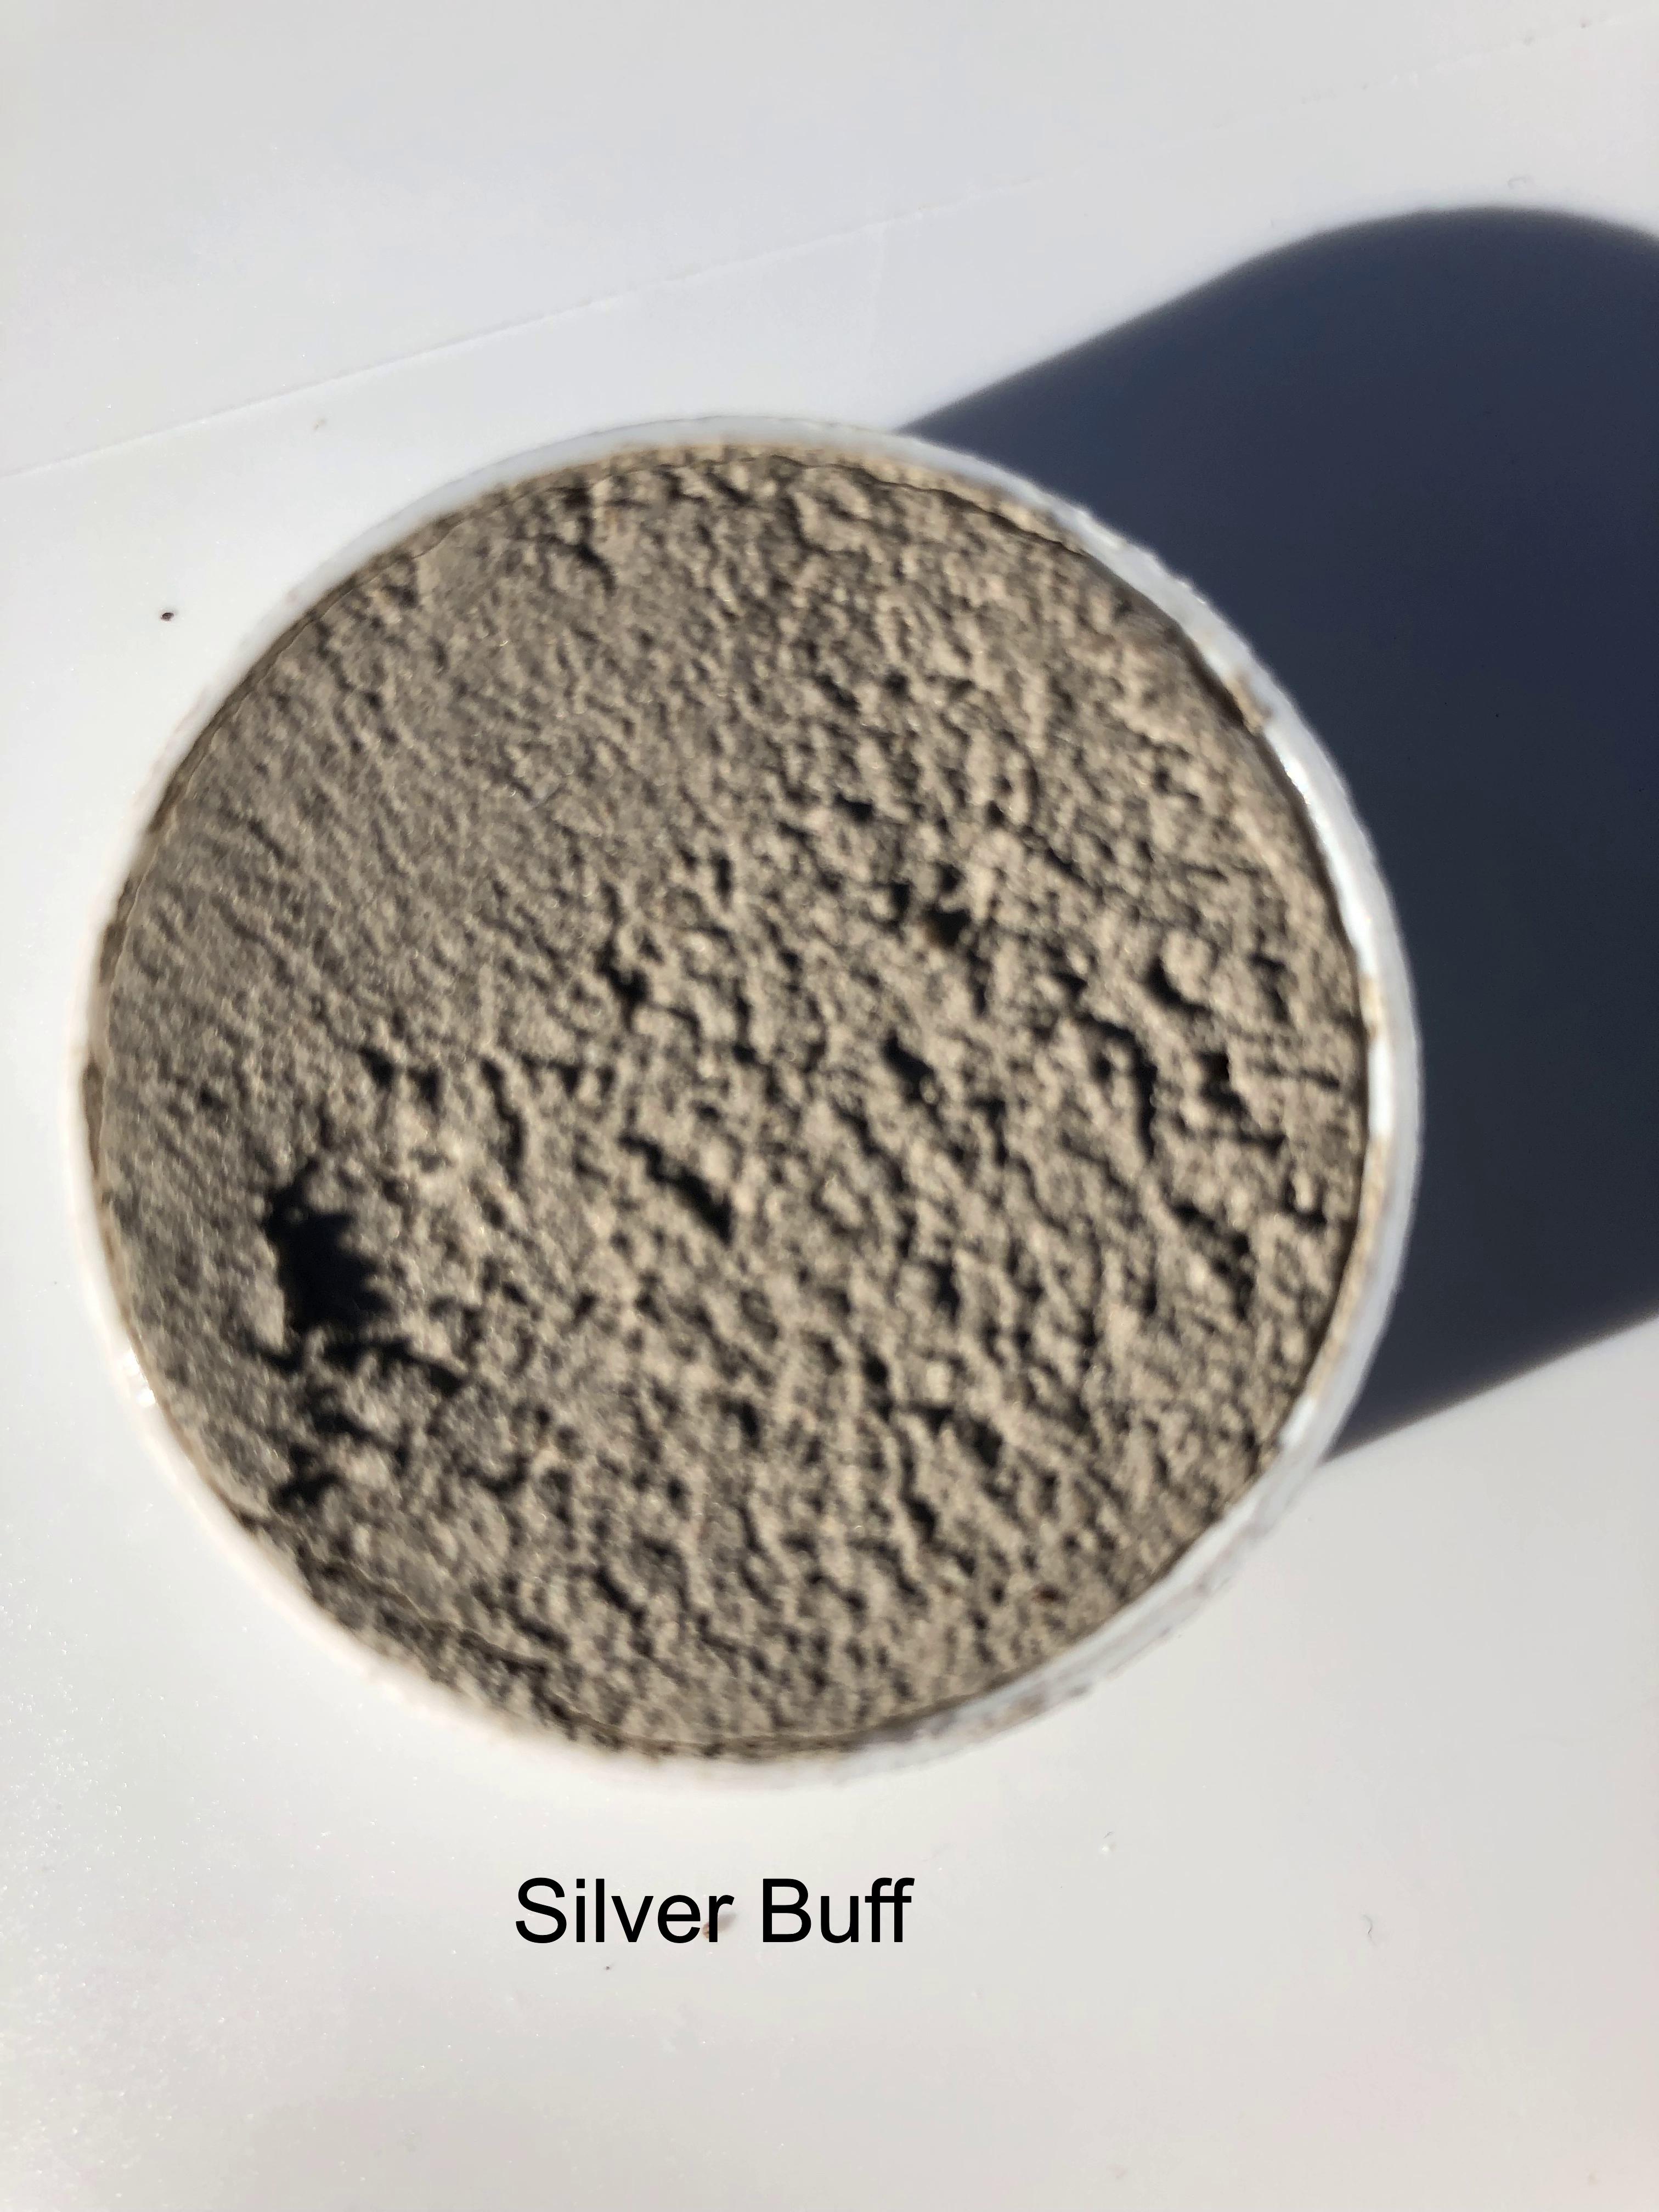 Silver Buff